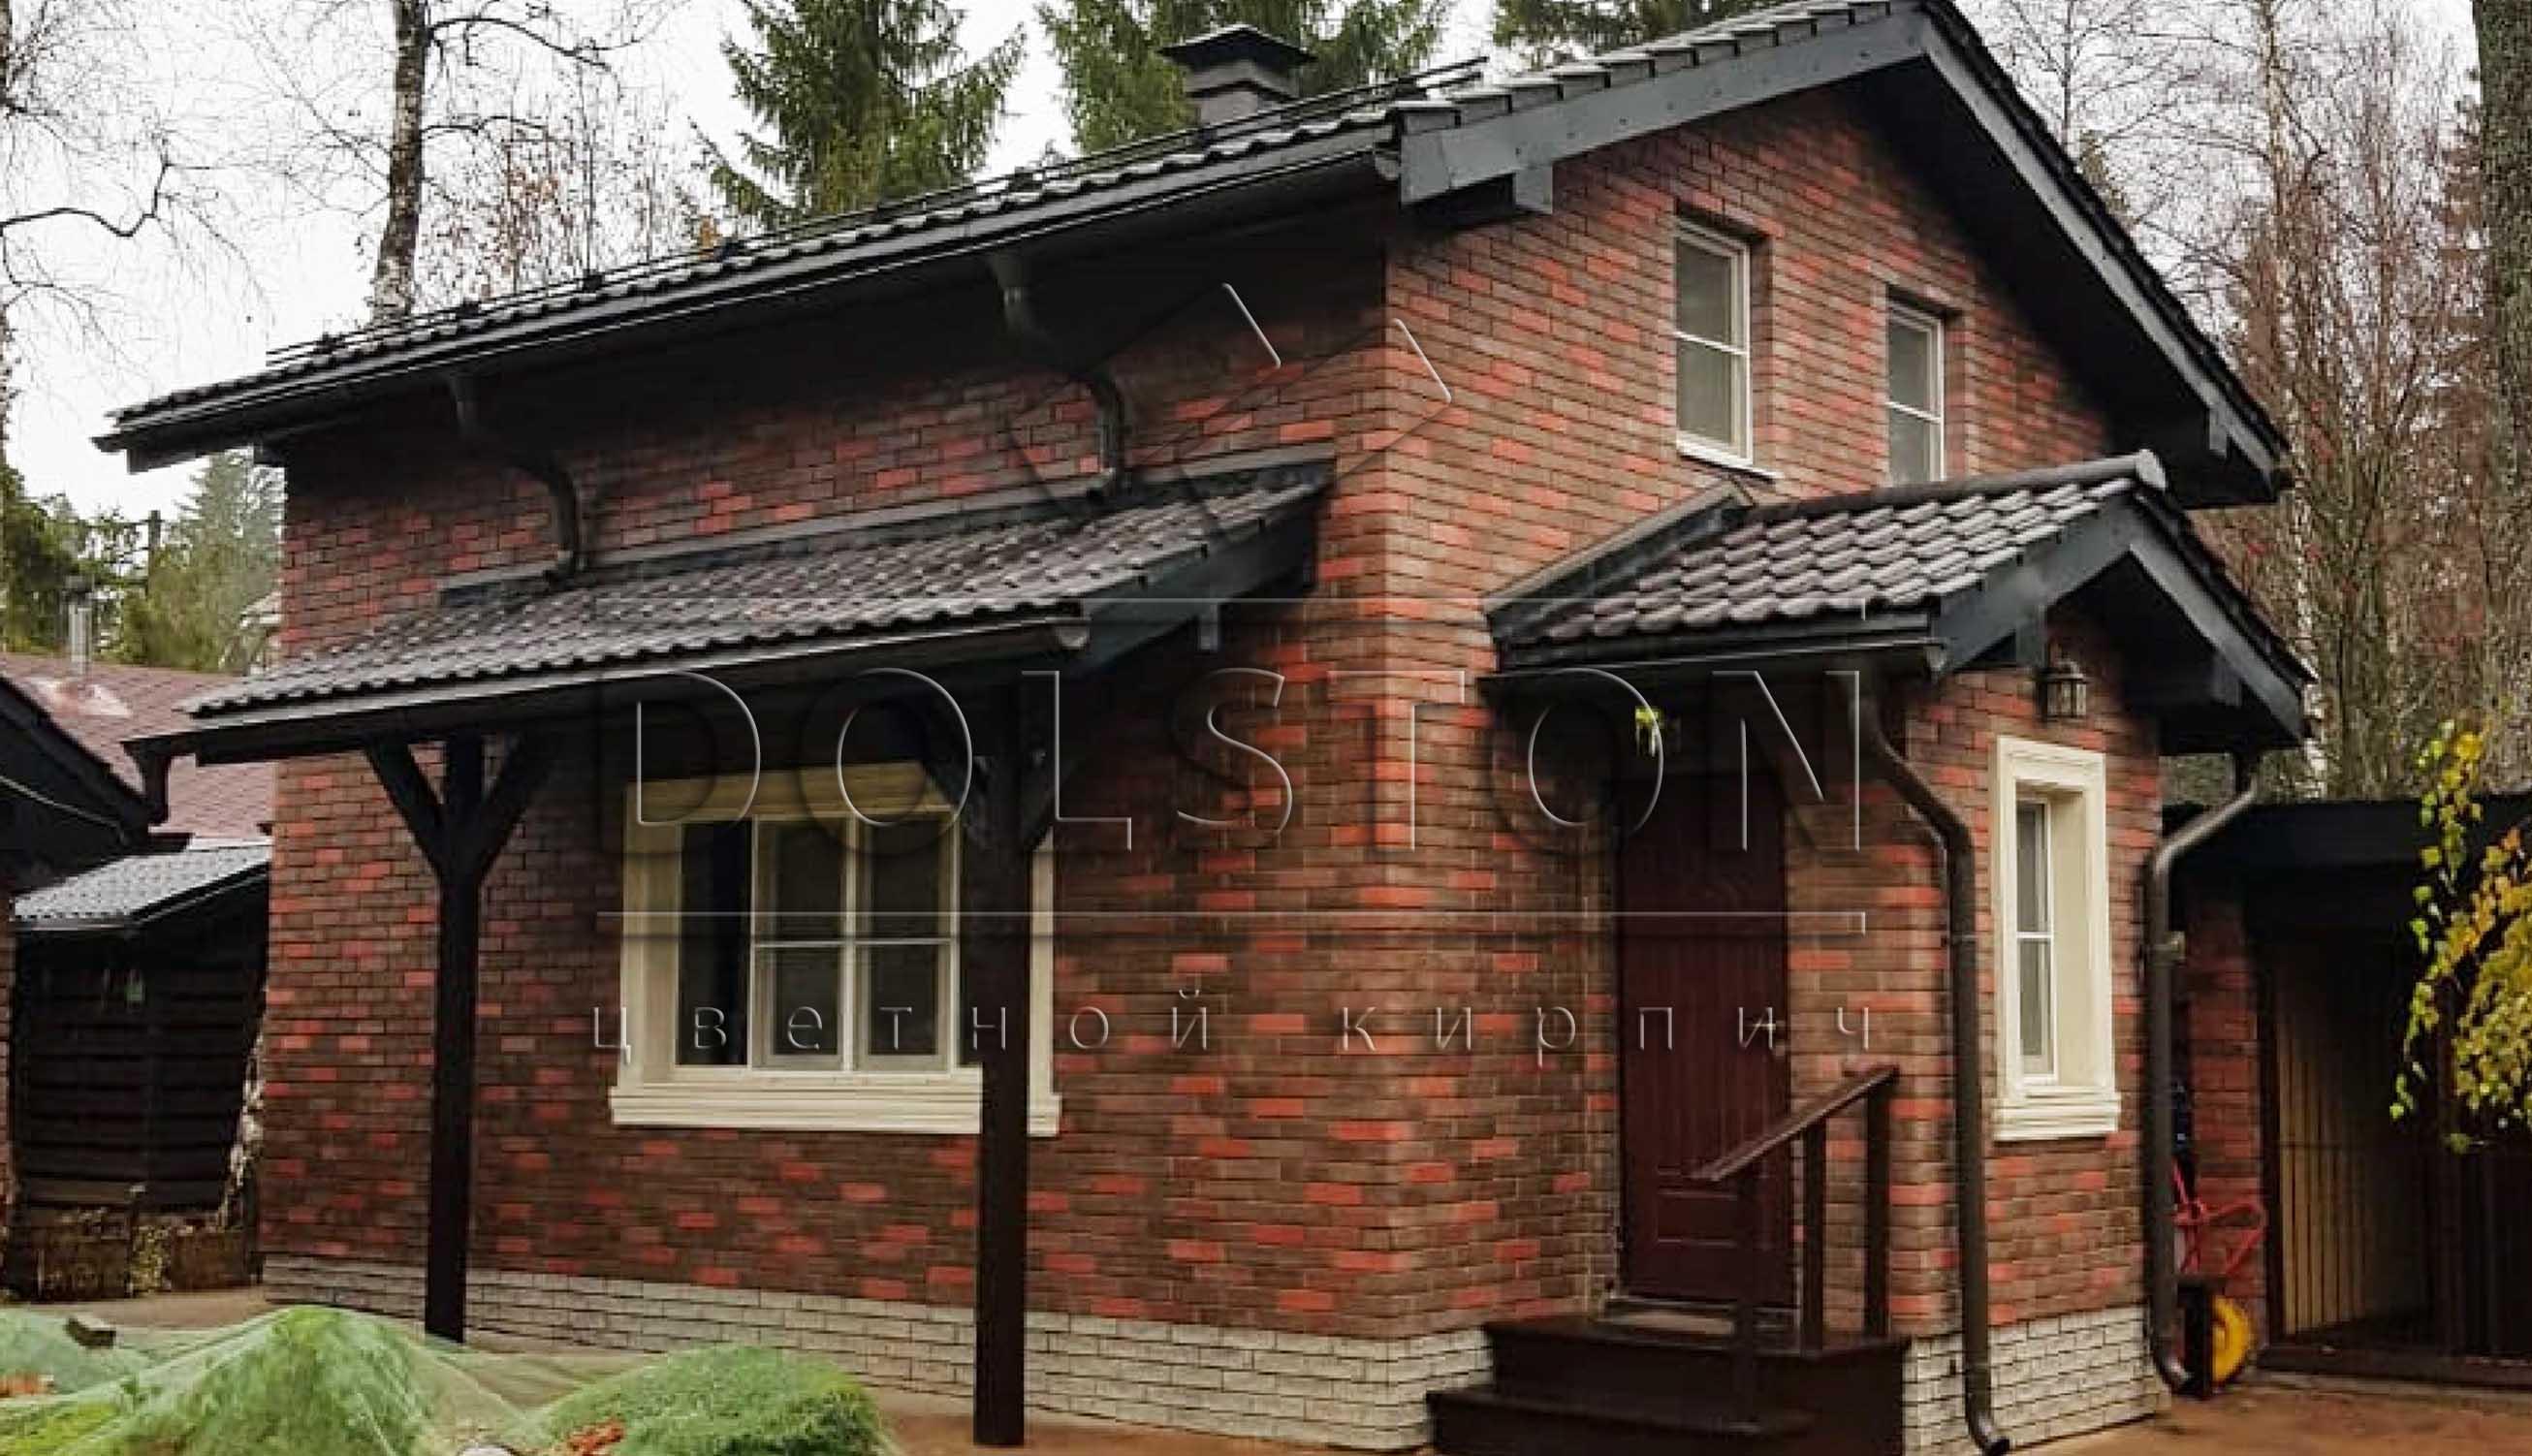 Фото дома из декоративного кирпича Долстон